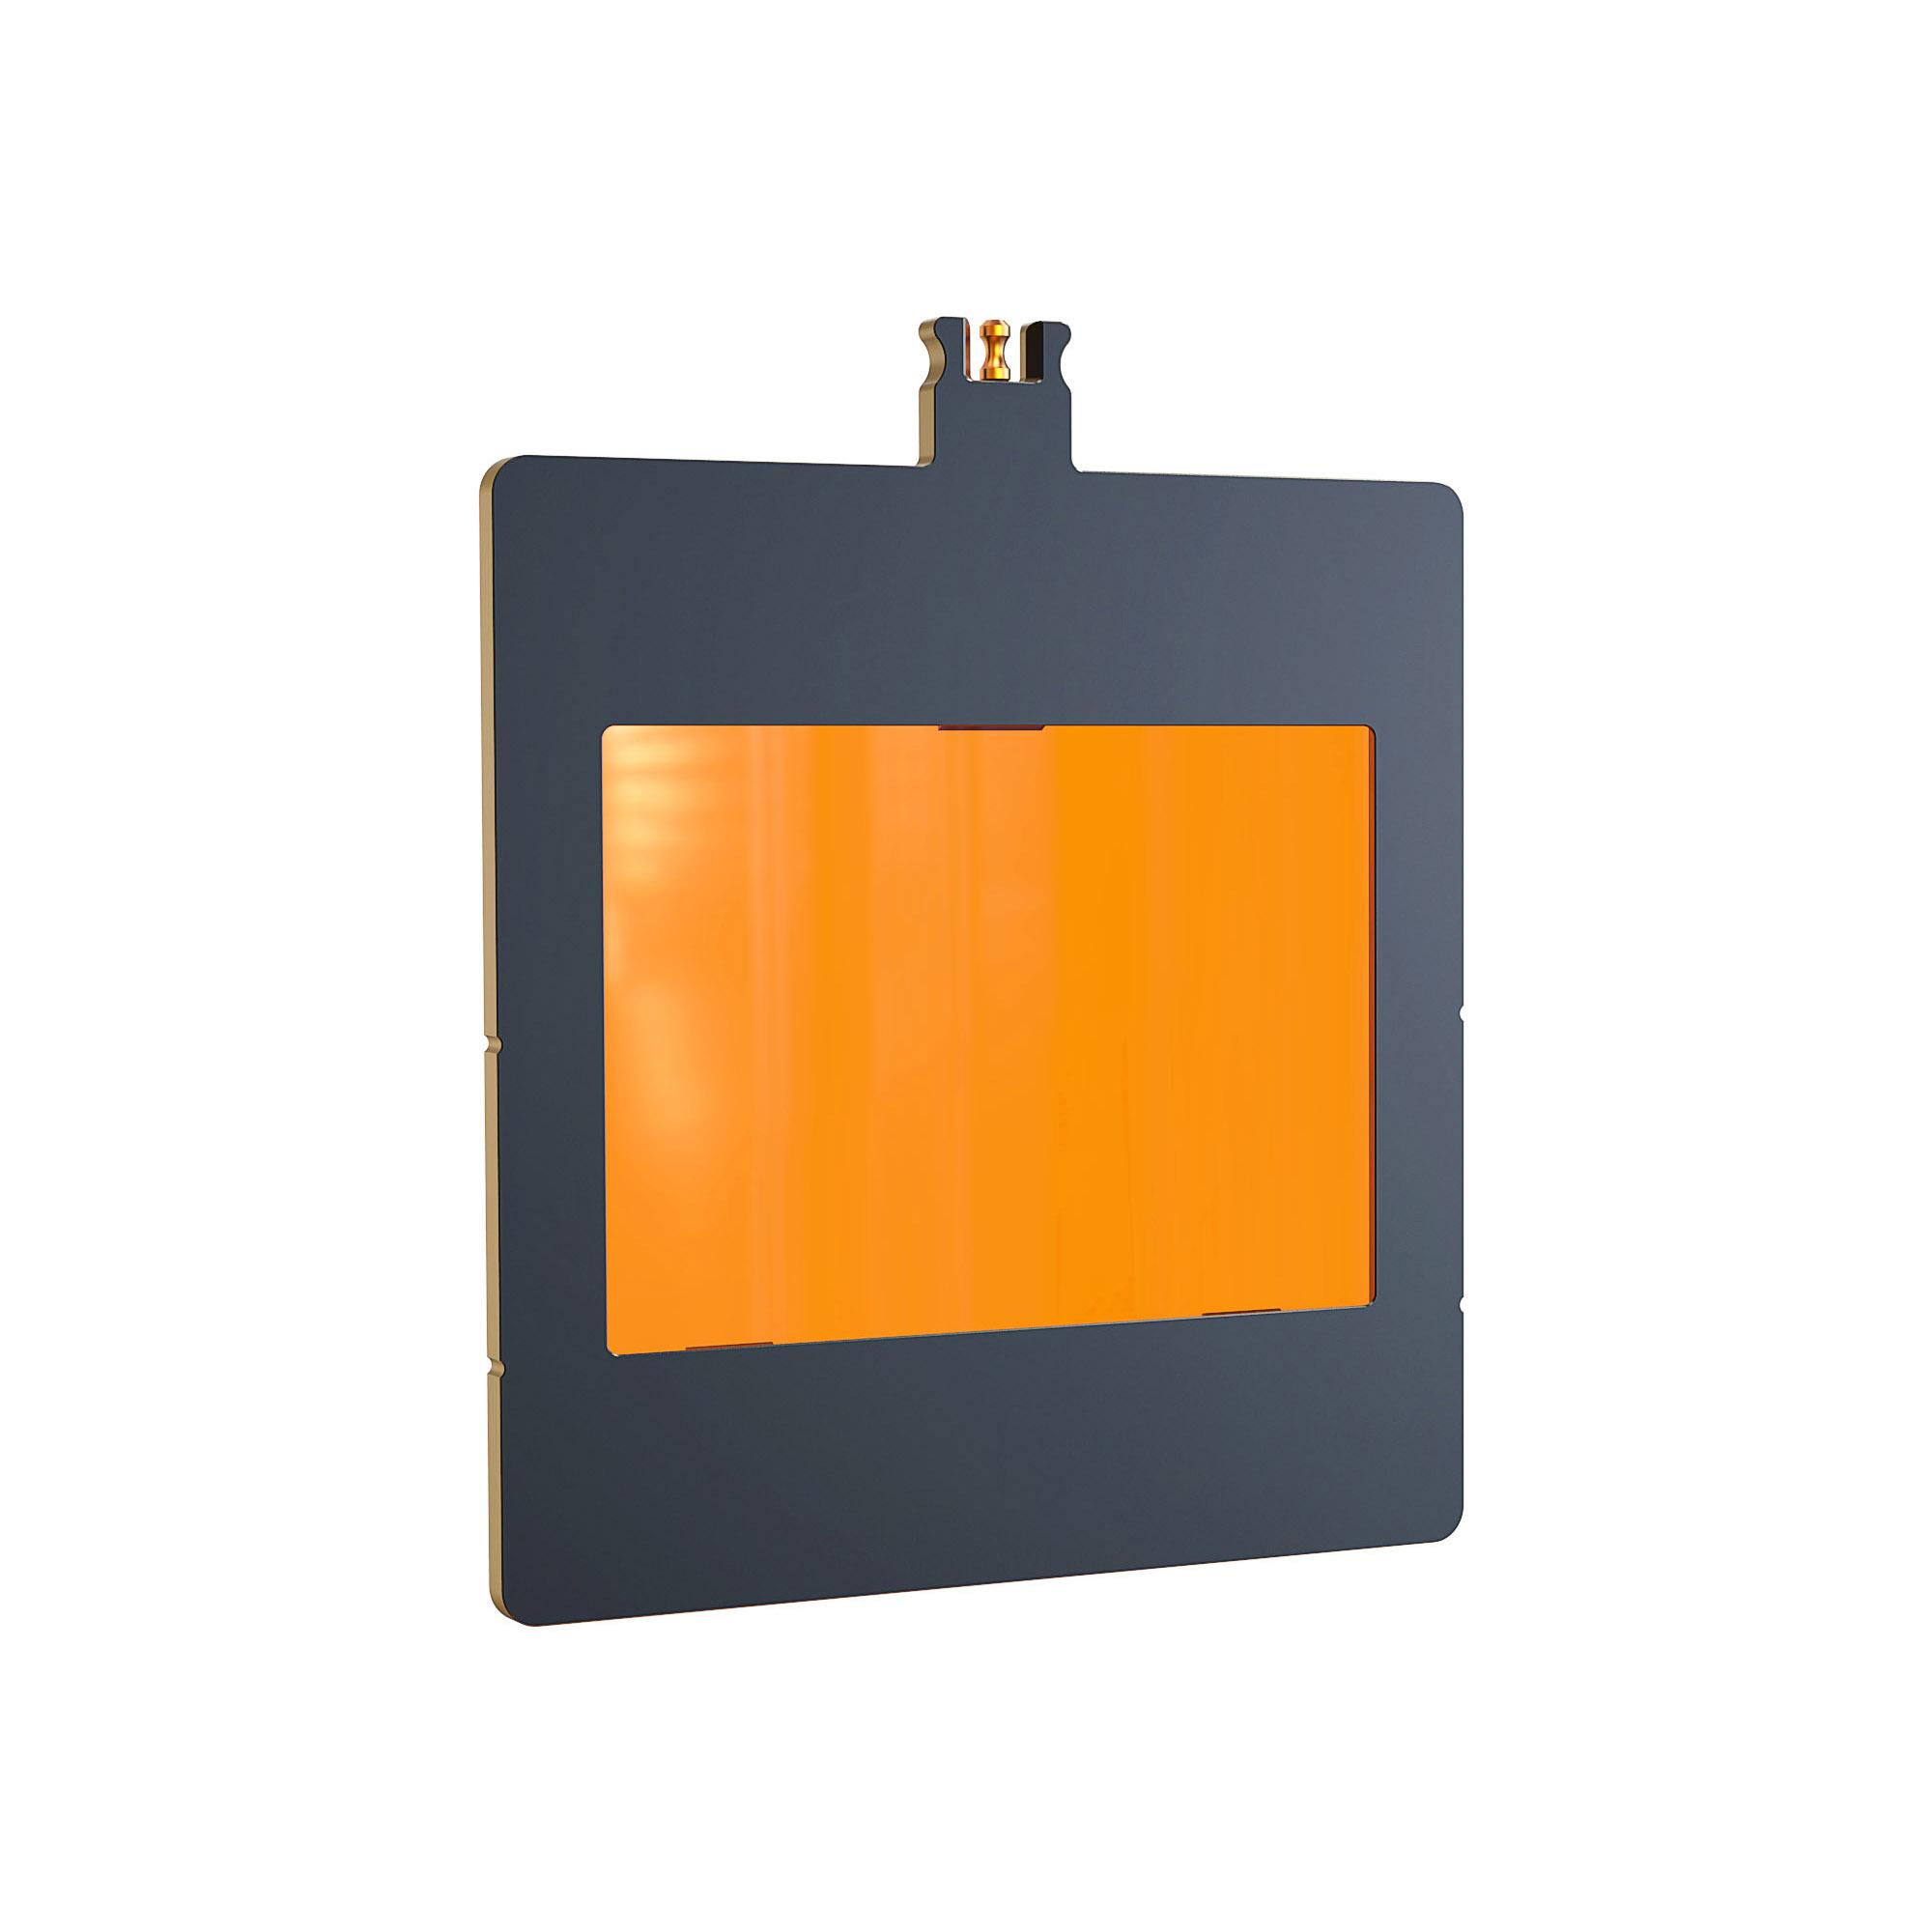 b1251.1015   blacklight   4 x 5.65   filter tray   1